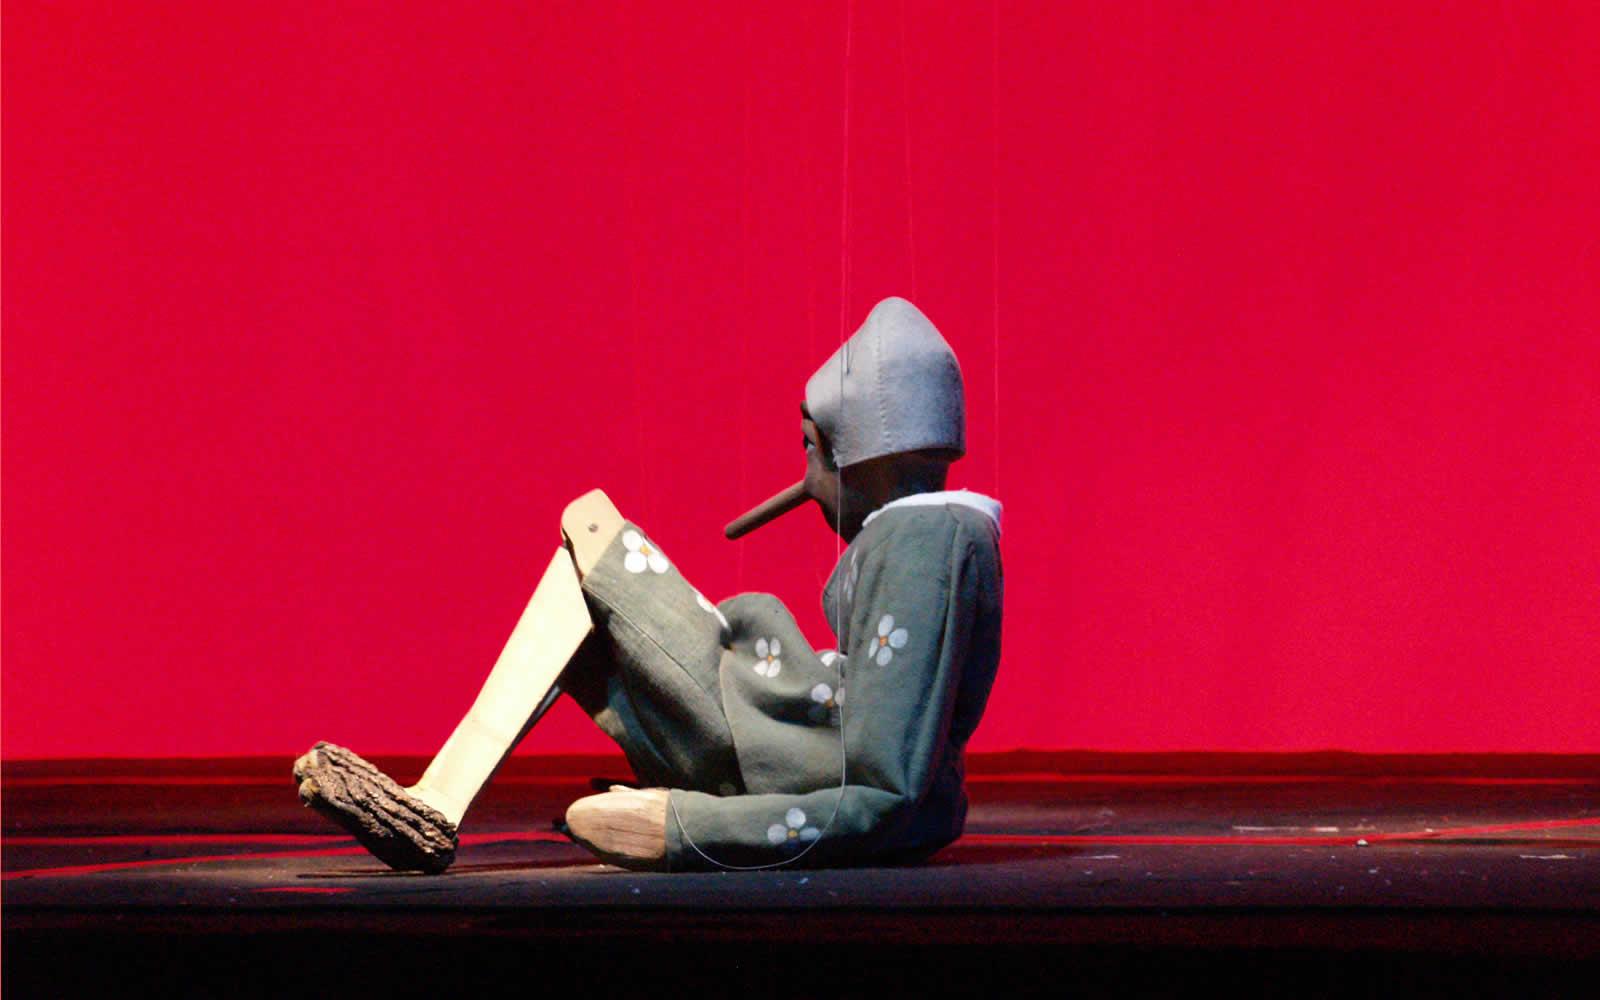 La marionetta di Pinocchio per raccontare valori e reputazione online di un marchio storico